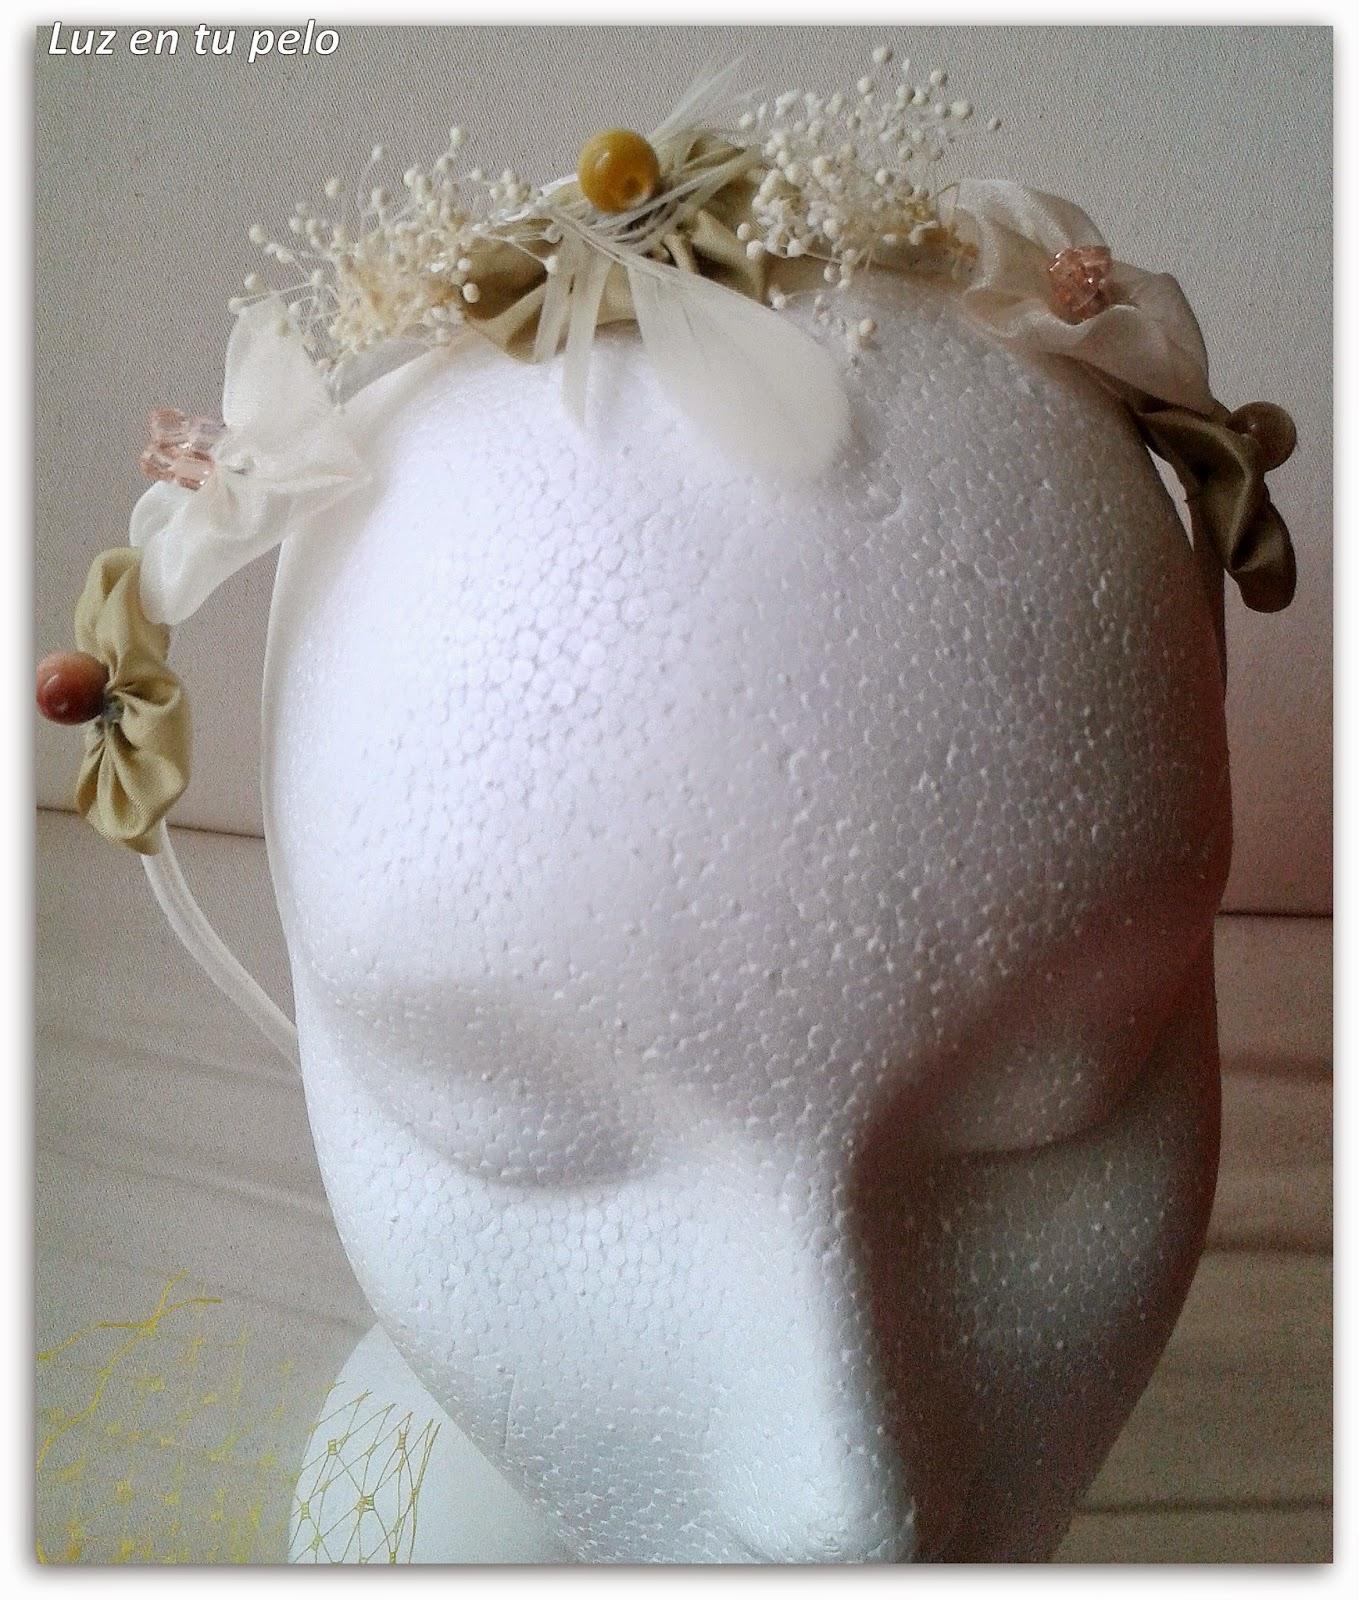 diadema barata, diademas online, diademas para niñas, diademas de flores, diademas de tela, diademas de organza, diademas de comunión